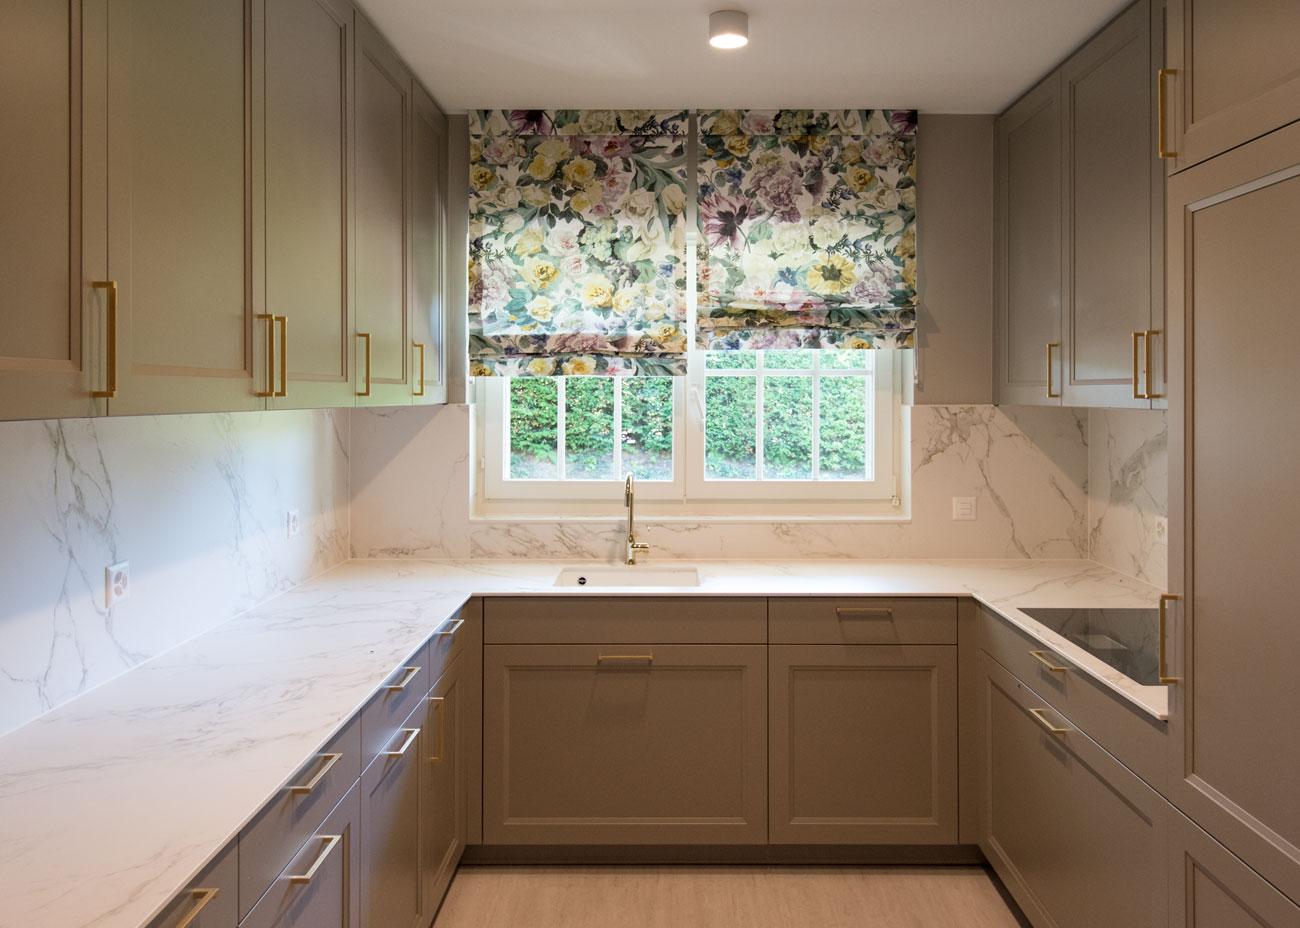 haus renovierung ideen küche marmor taupe fronten raffrollo blumen